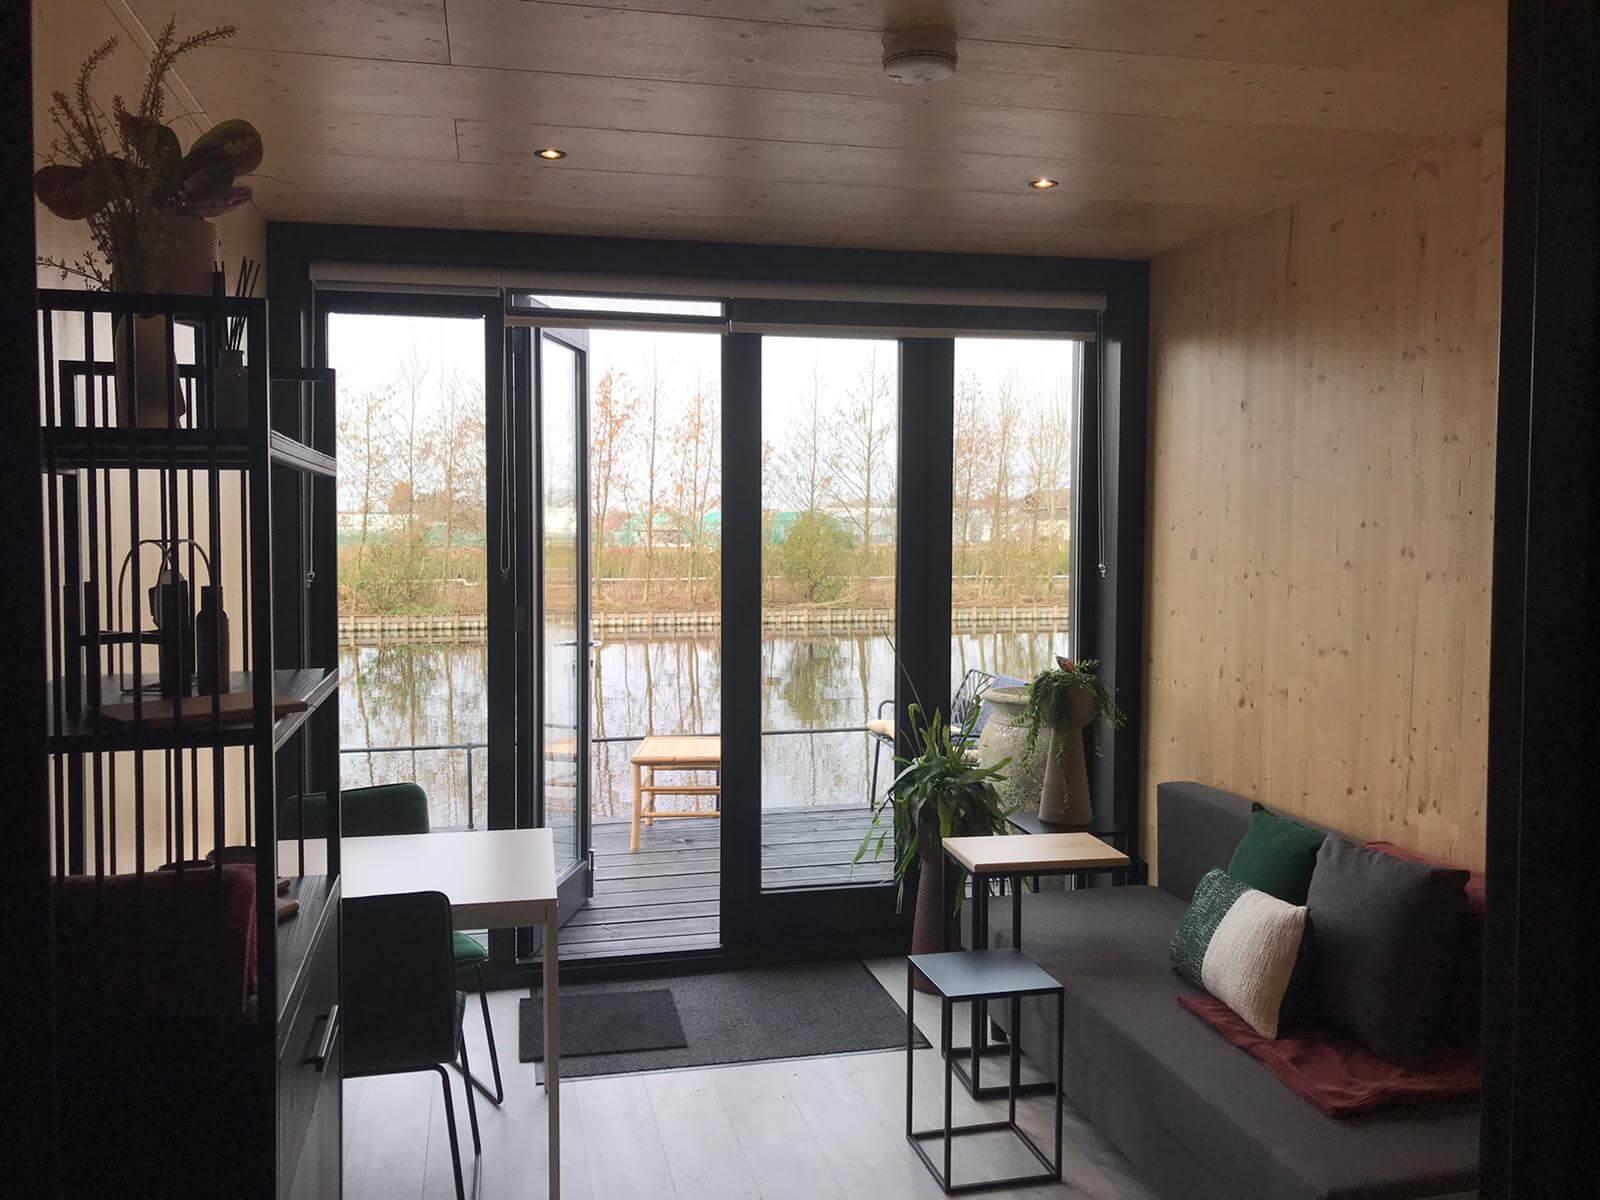 Waterstudio.nl - Tiny Floats